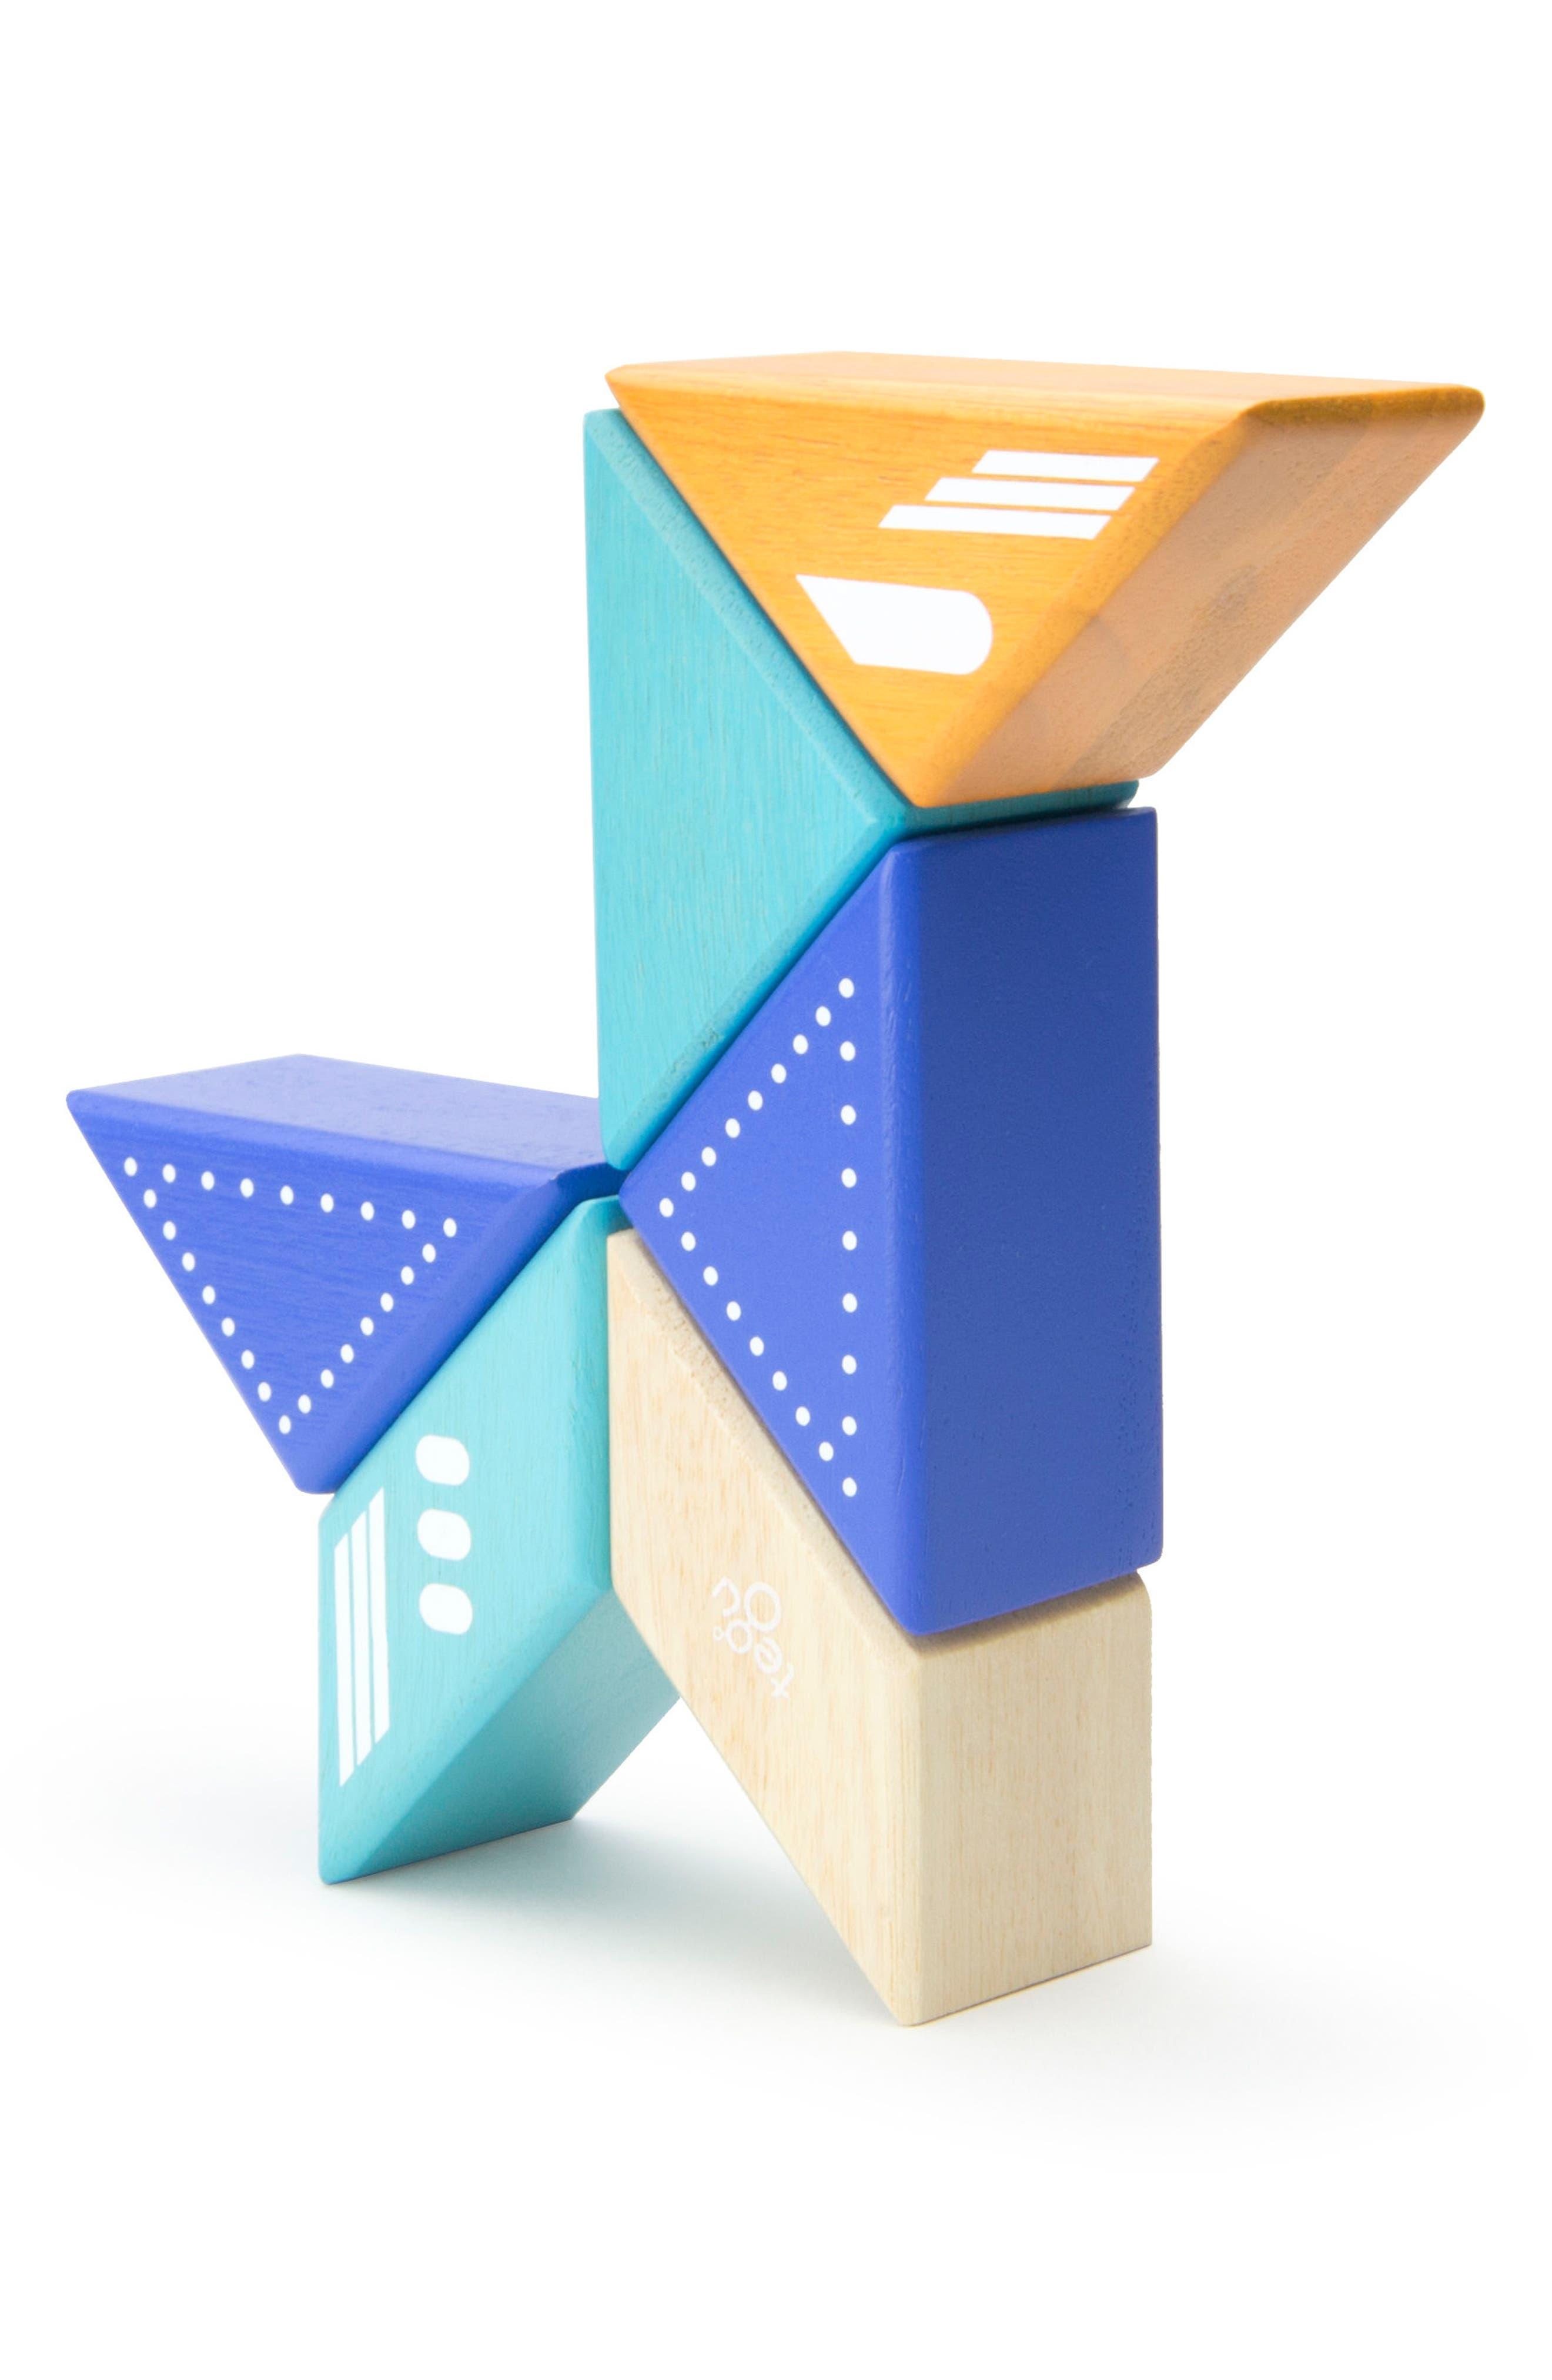 Travel Pals 6-Piece Jet Magnetic Block Set,                             Alternate thumbnail 9, color,                             Blue